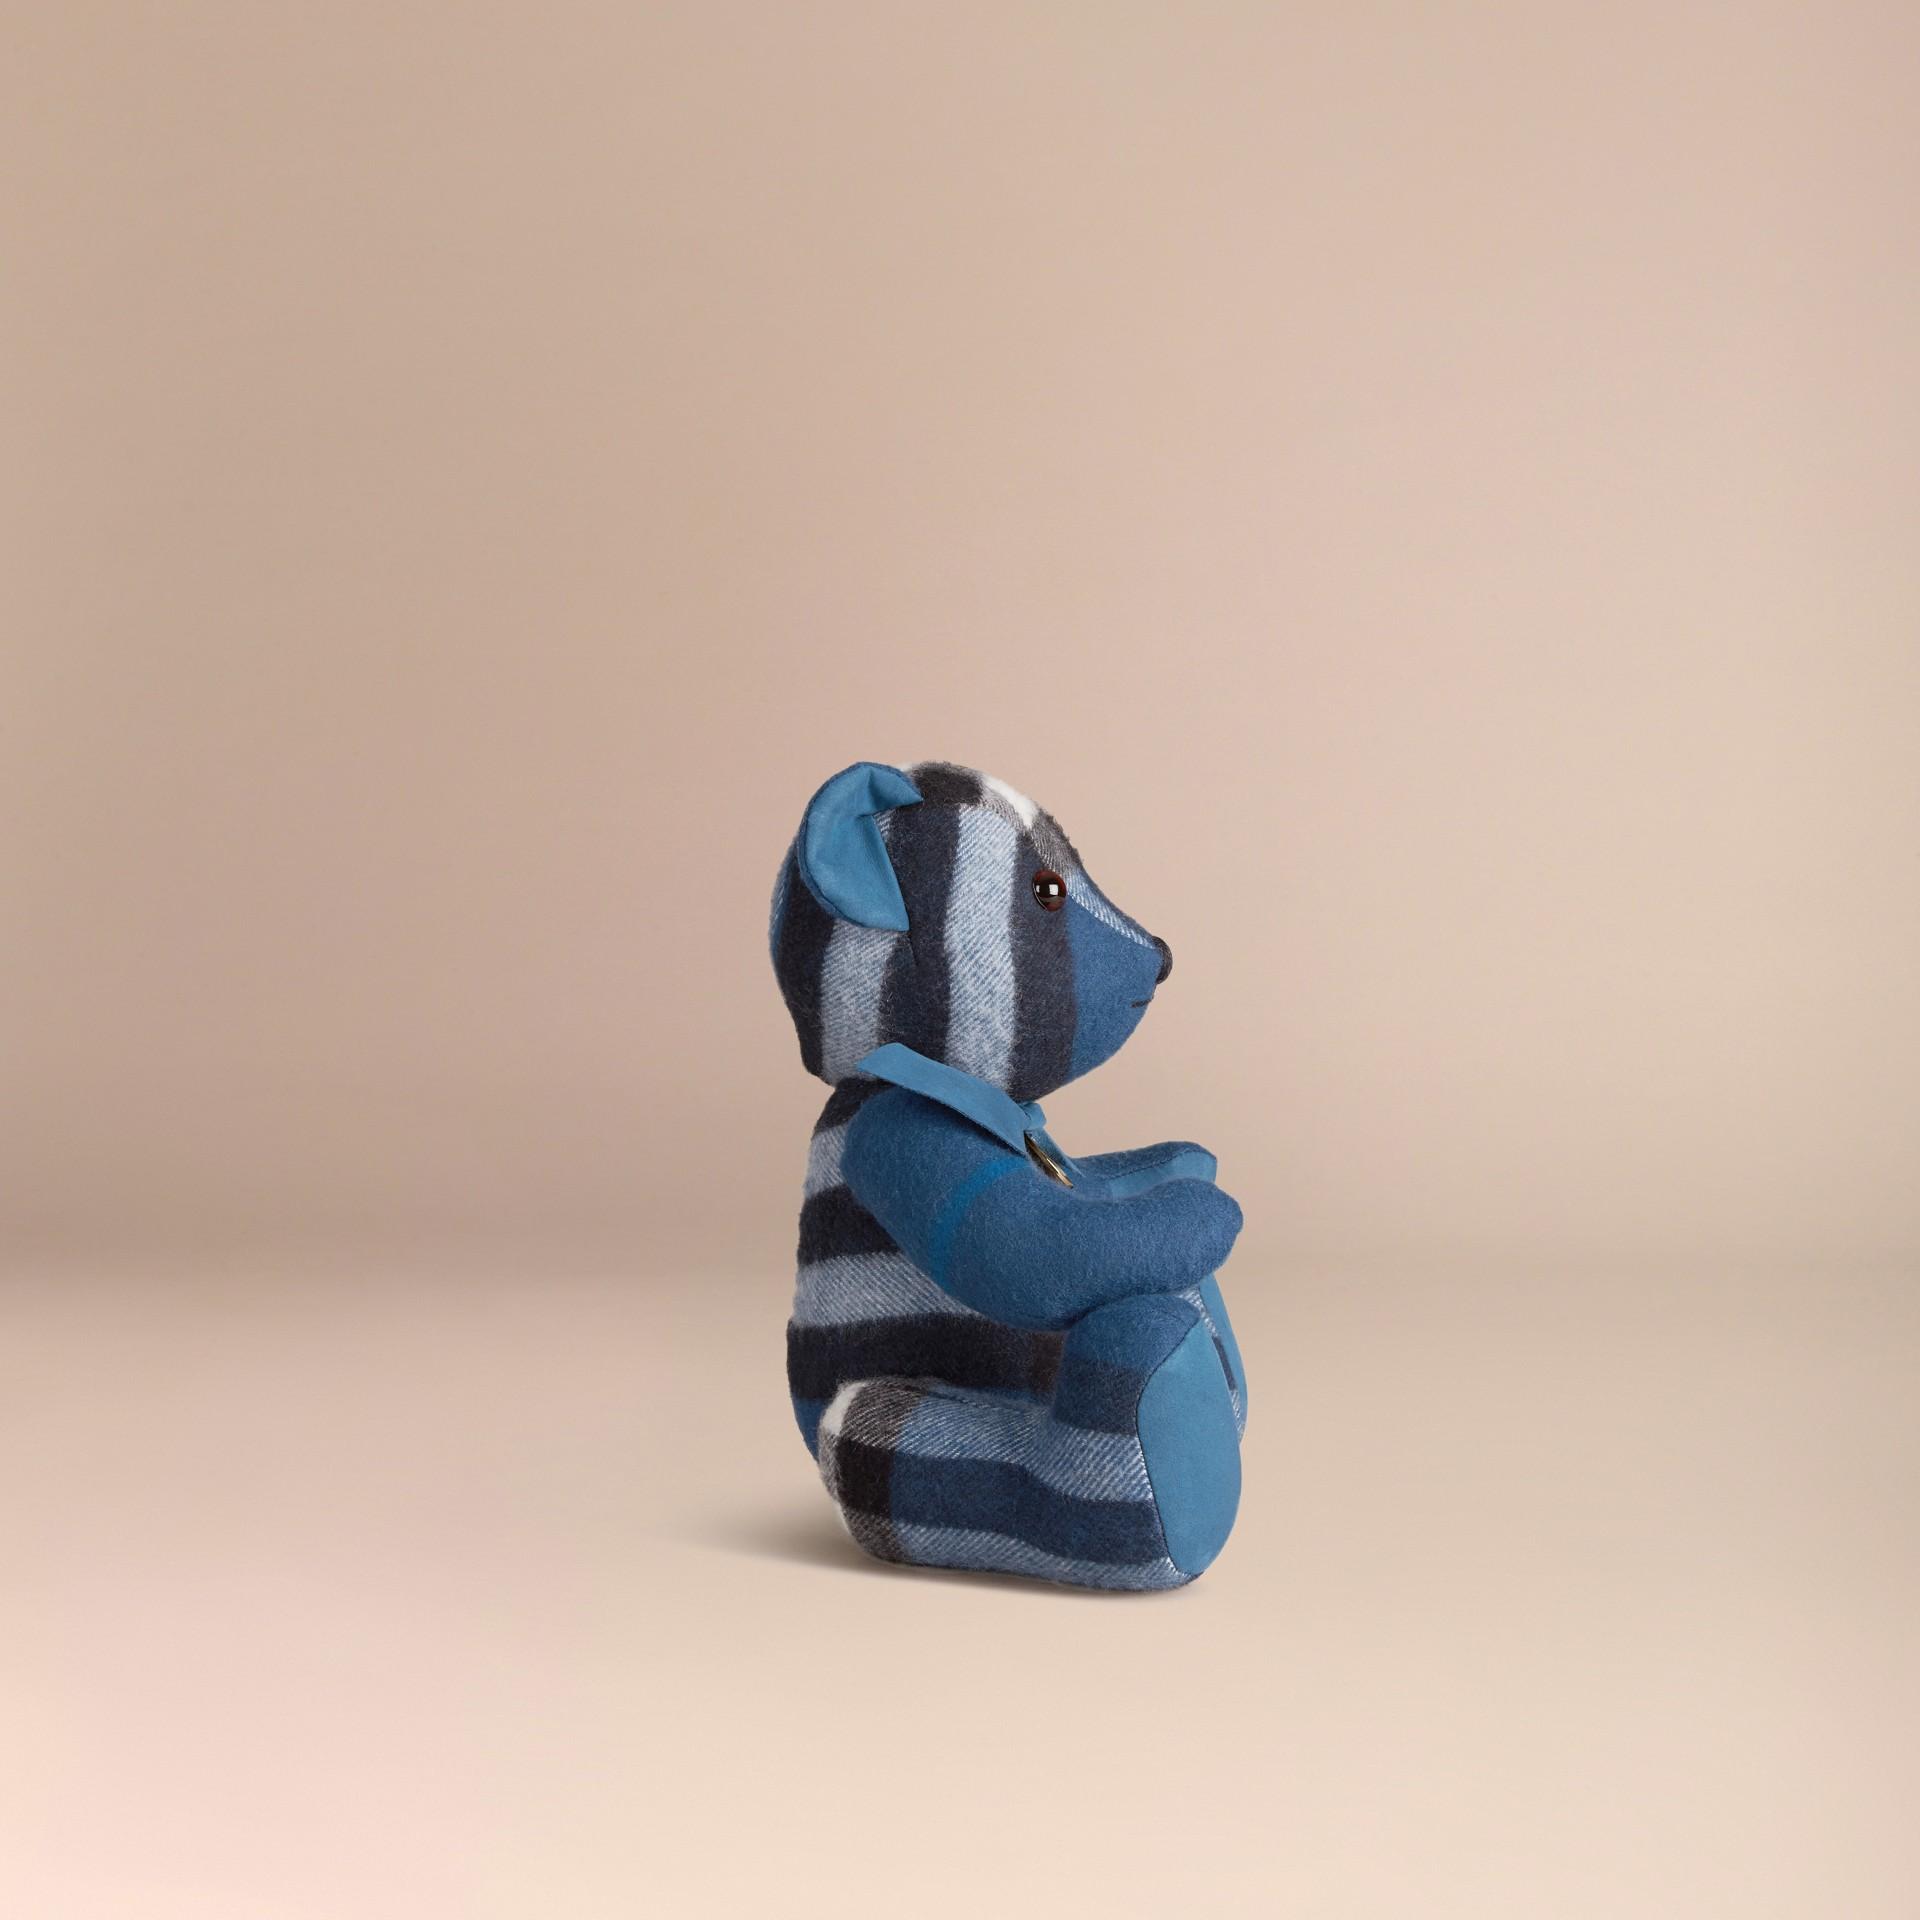 Bleu nautique Teddy-bear en cachemire à motif check Bleu Nautique - photo de la galerie 3